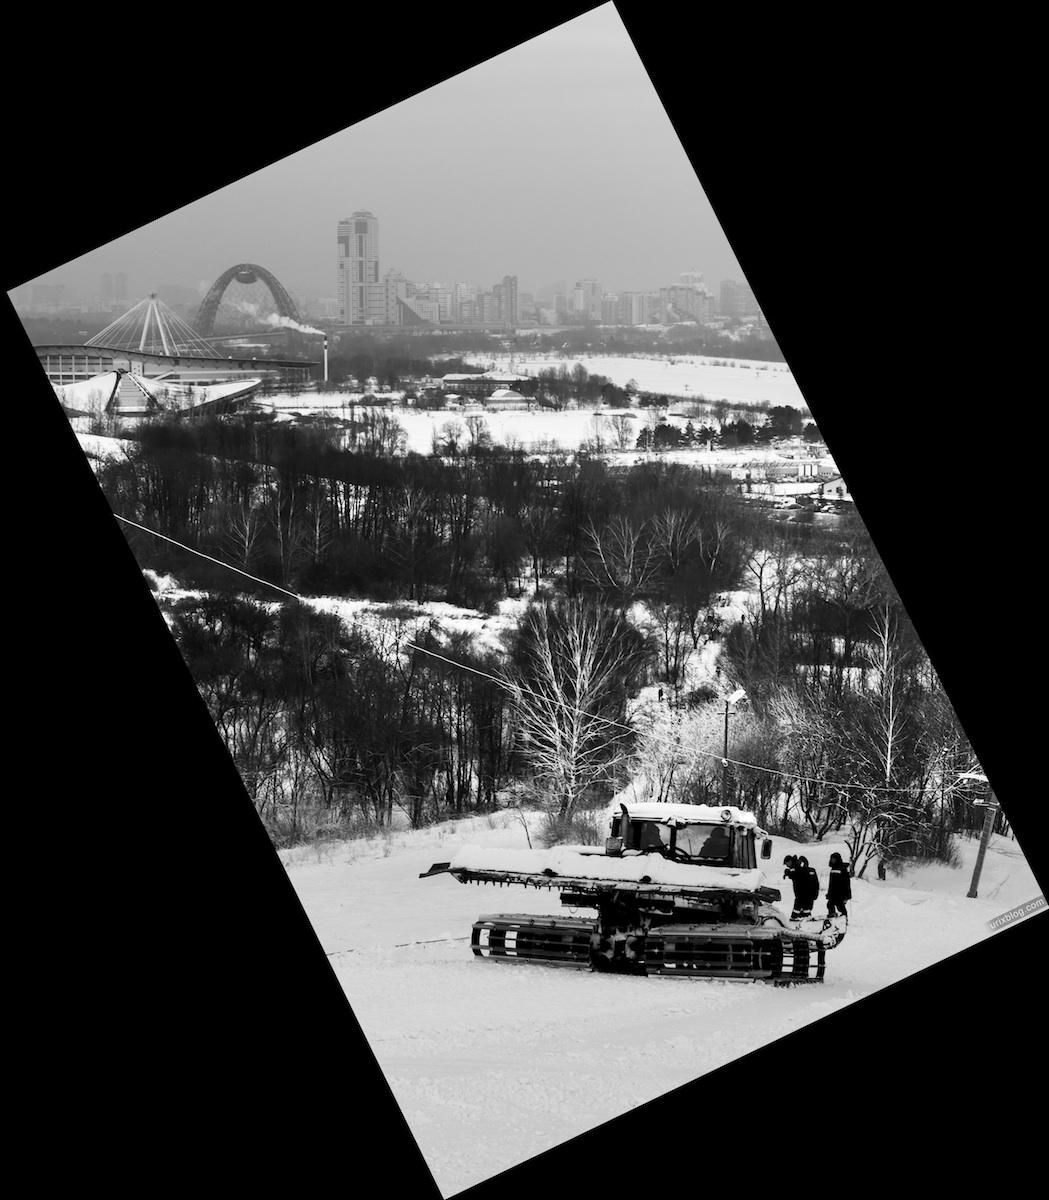 2012, Крылатские холмы, Живописный мост, Москва, Россия, Зима, снег, трактор, лыжная горка